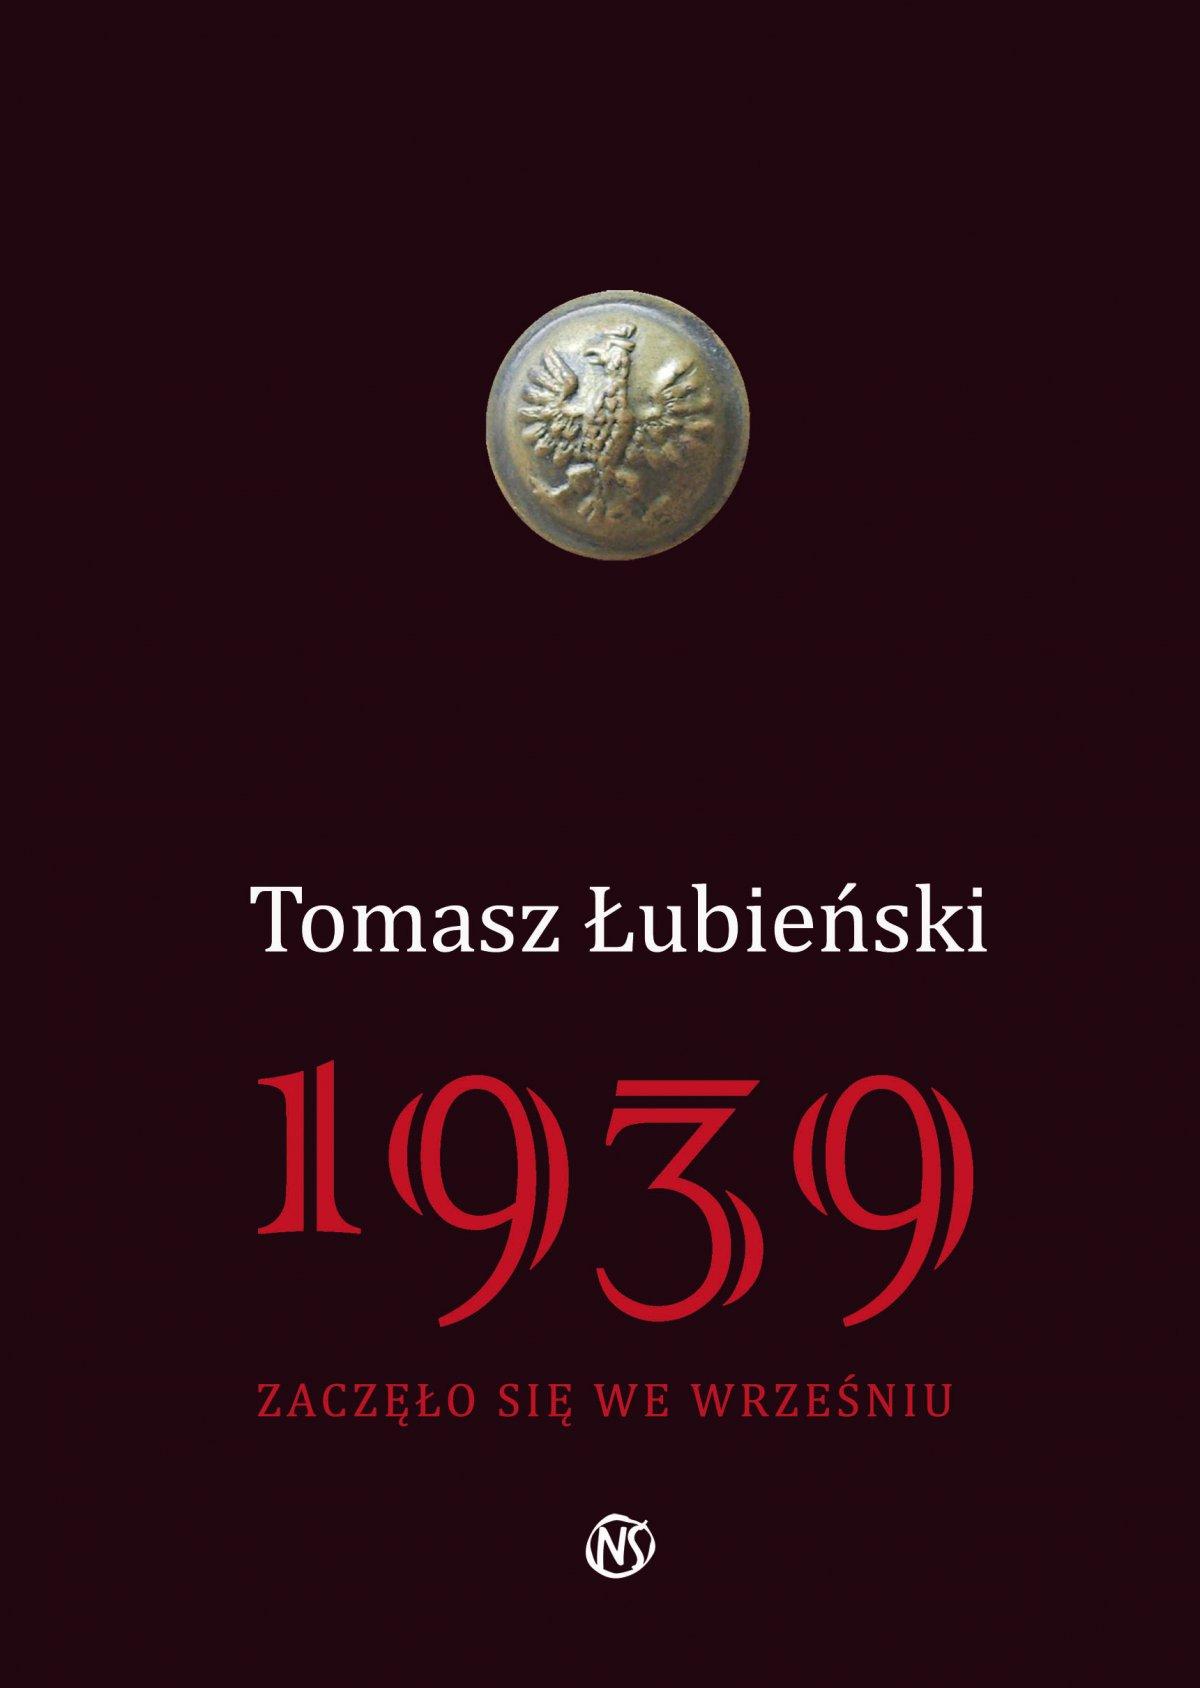 1939 Zaczęło się we wrześniu - Ebook (Książka EPUB) do pobrania w formacie EPUB